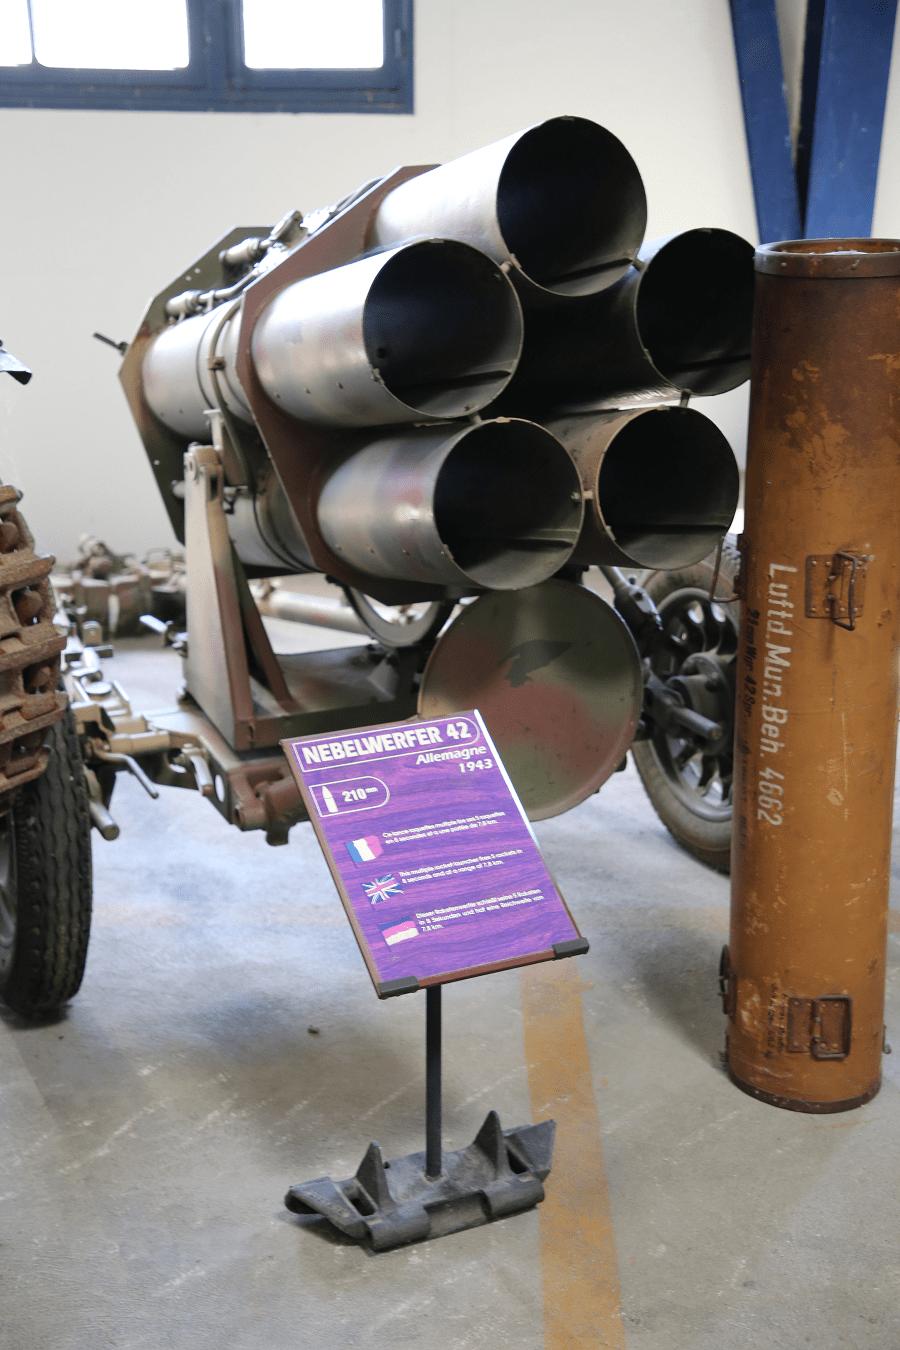 Nebelwerfer 41 - немецкий дымовой миномет Второй Мировой Войны